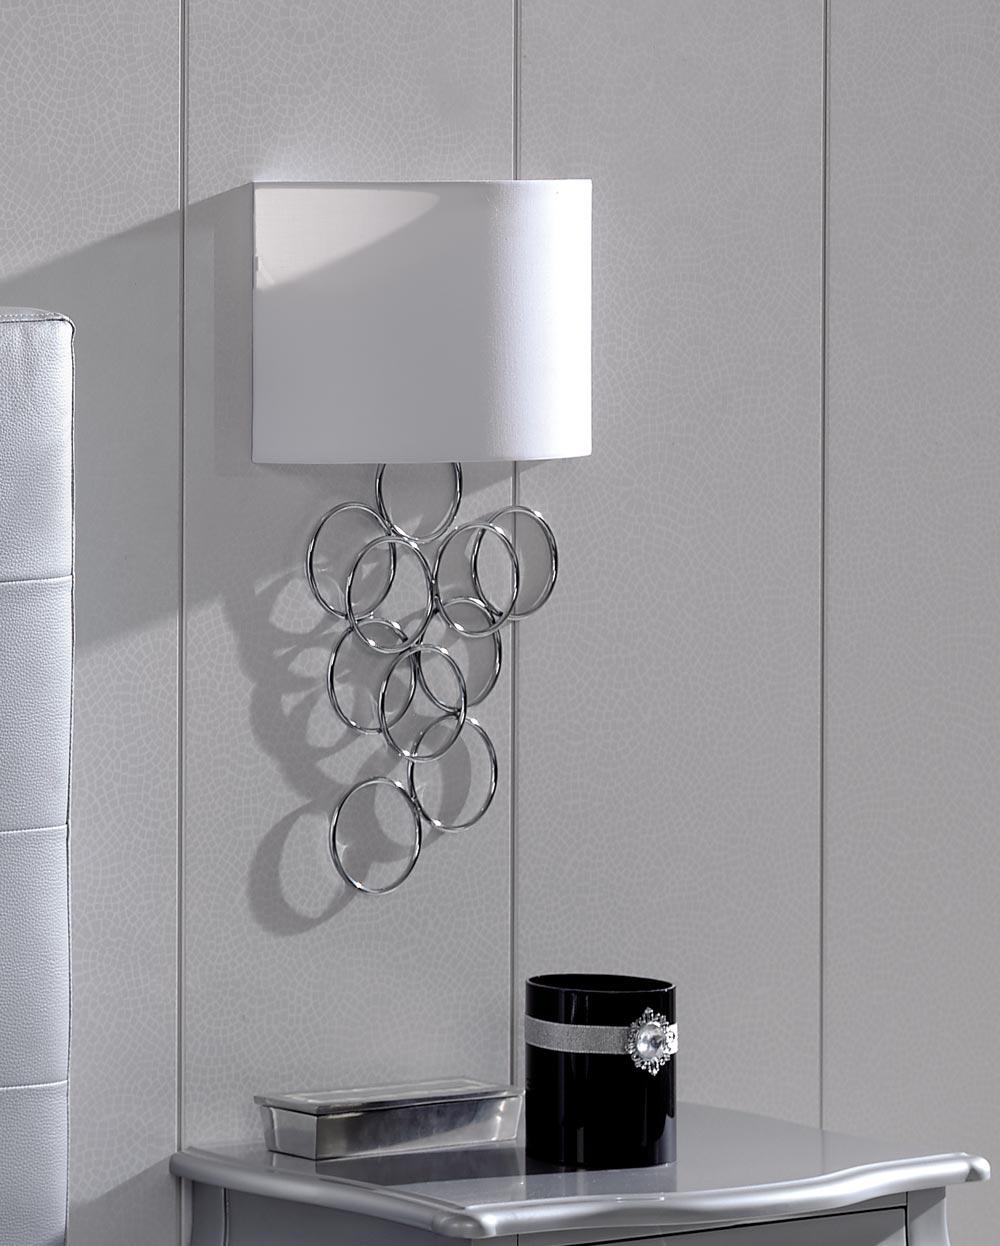 LAMPARA APLIQUE W9004 - D.H